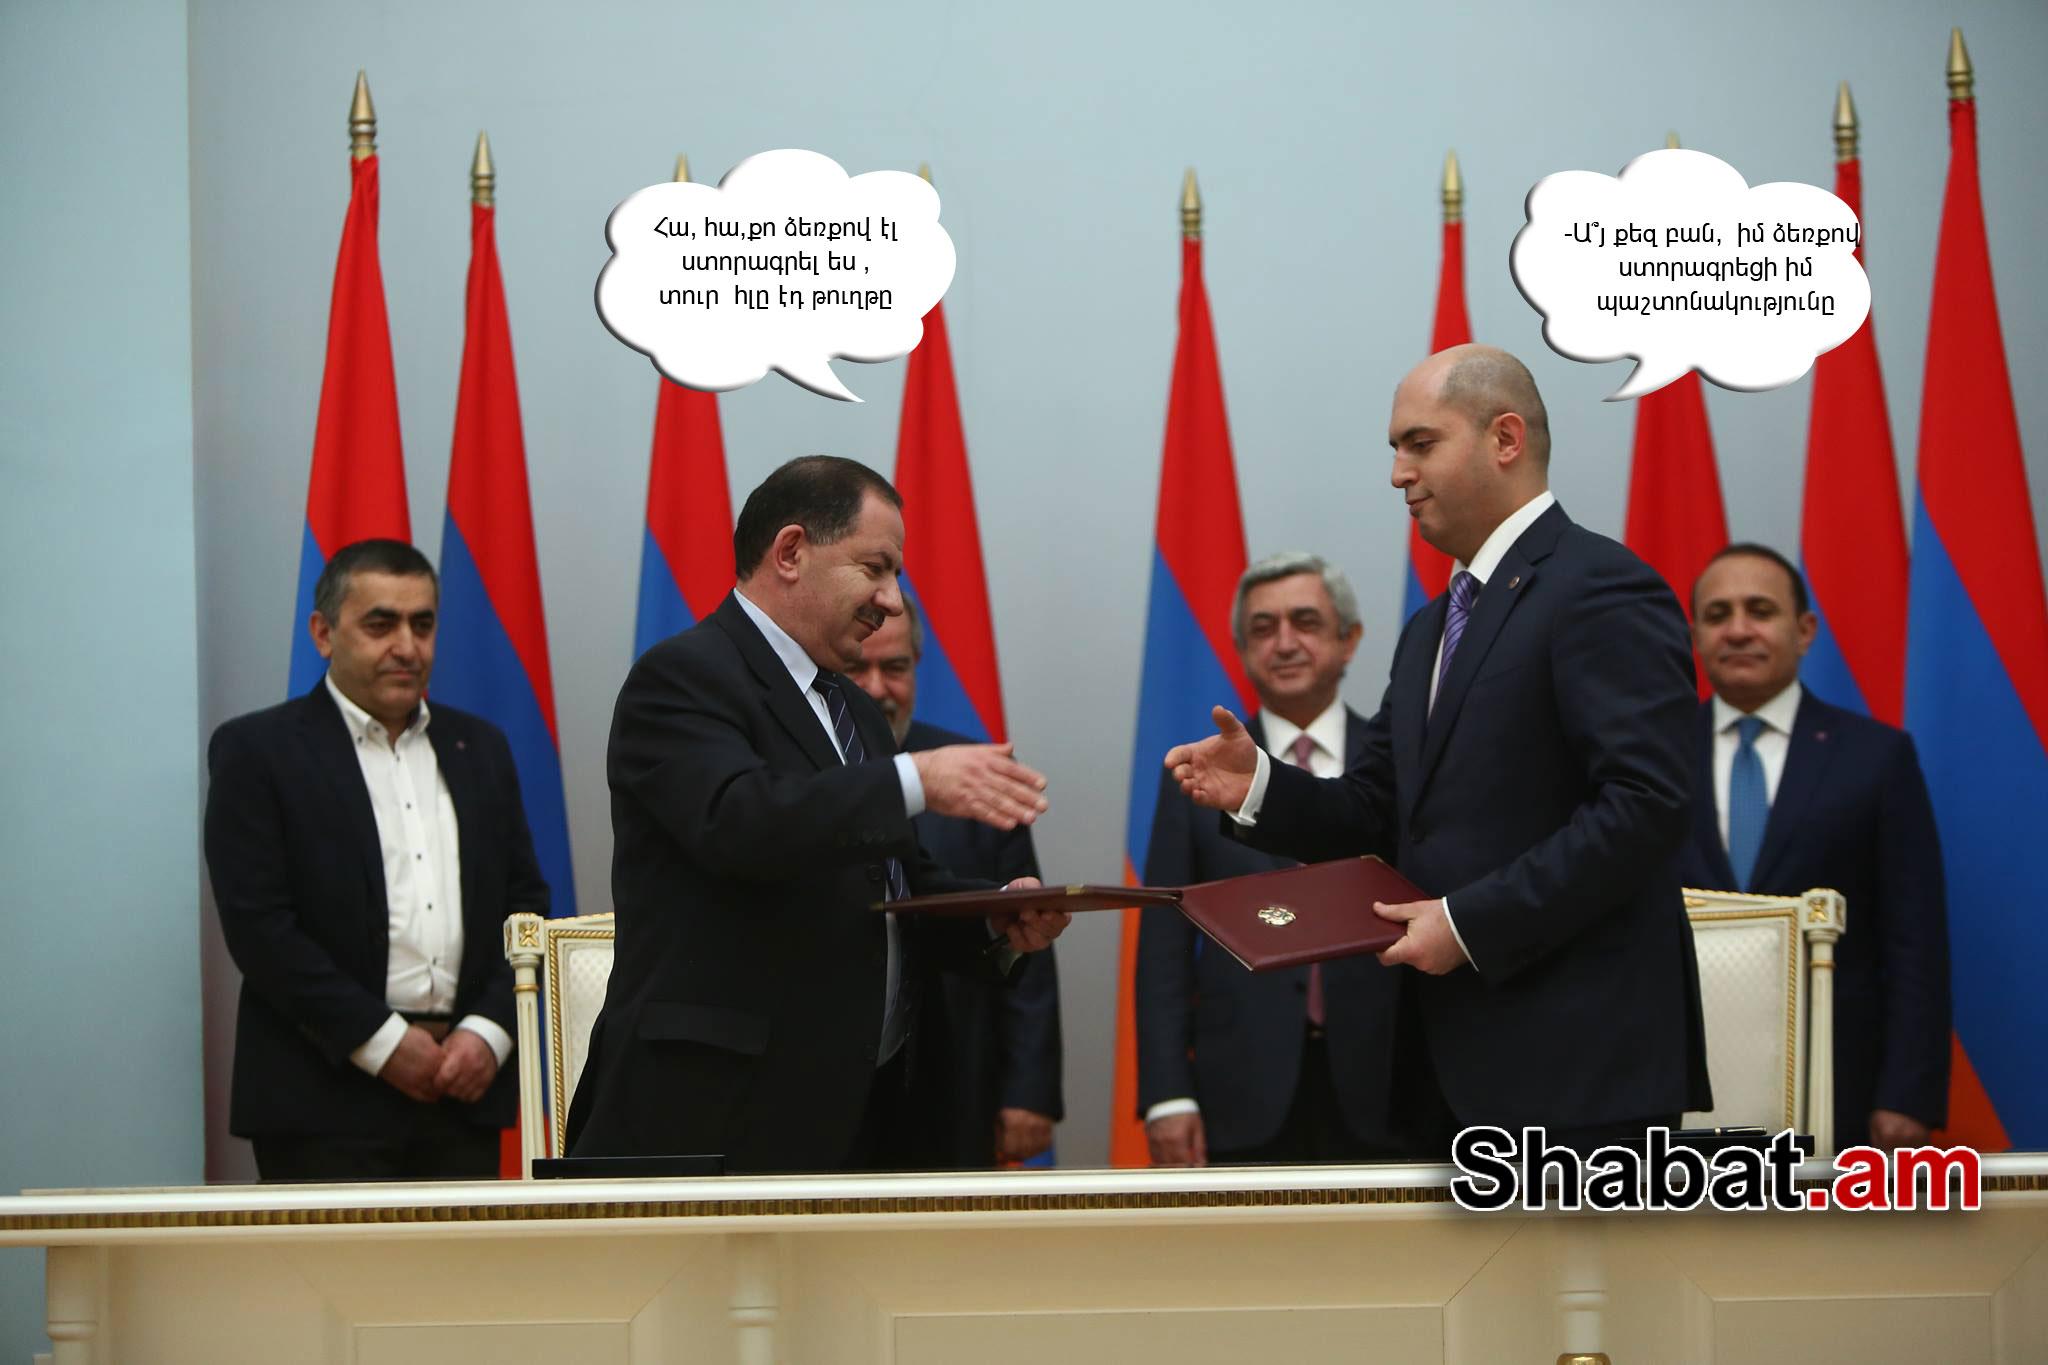 ՀՀԿ -ՀՅԴ հուշագրի ստորագրման իրական մտքերը (զվարճալի լուսանկարներ)